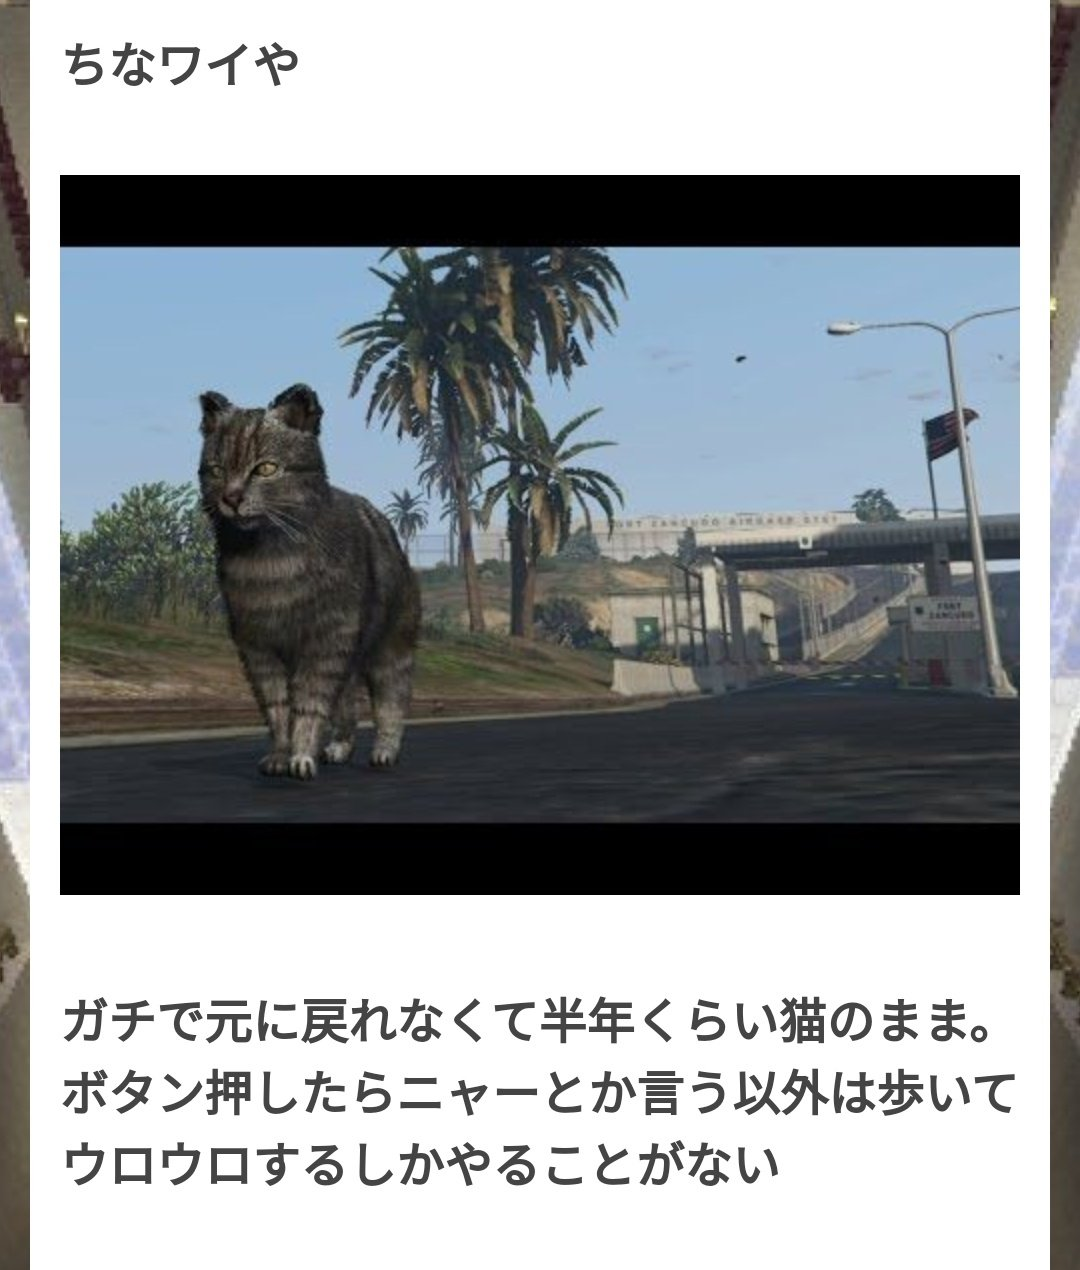 用貓玩半年,佩服...(圖源:Twitter)